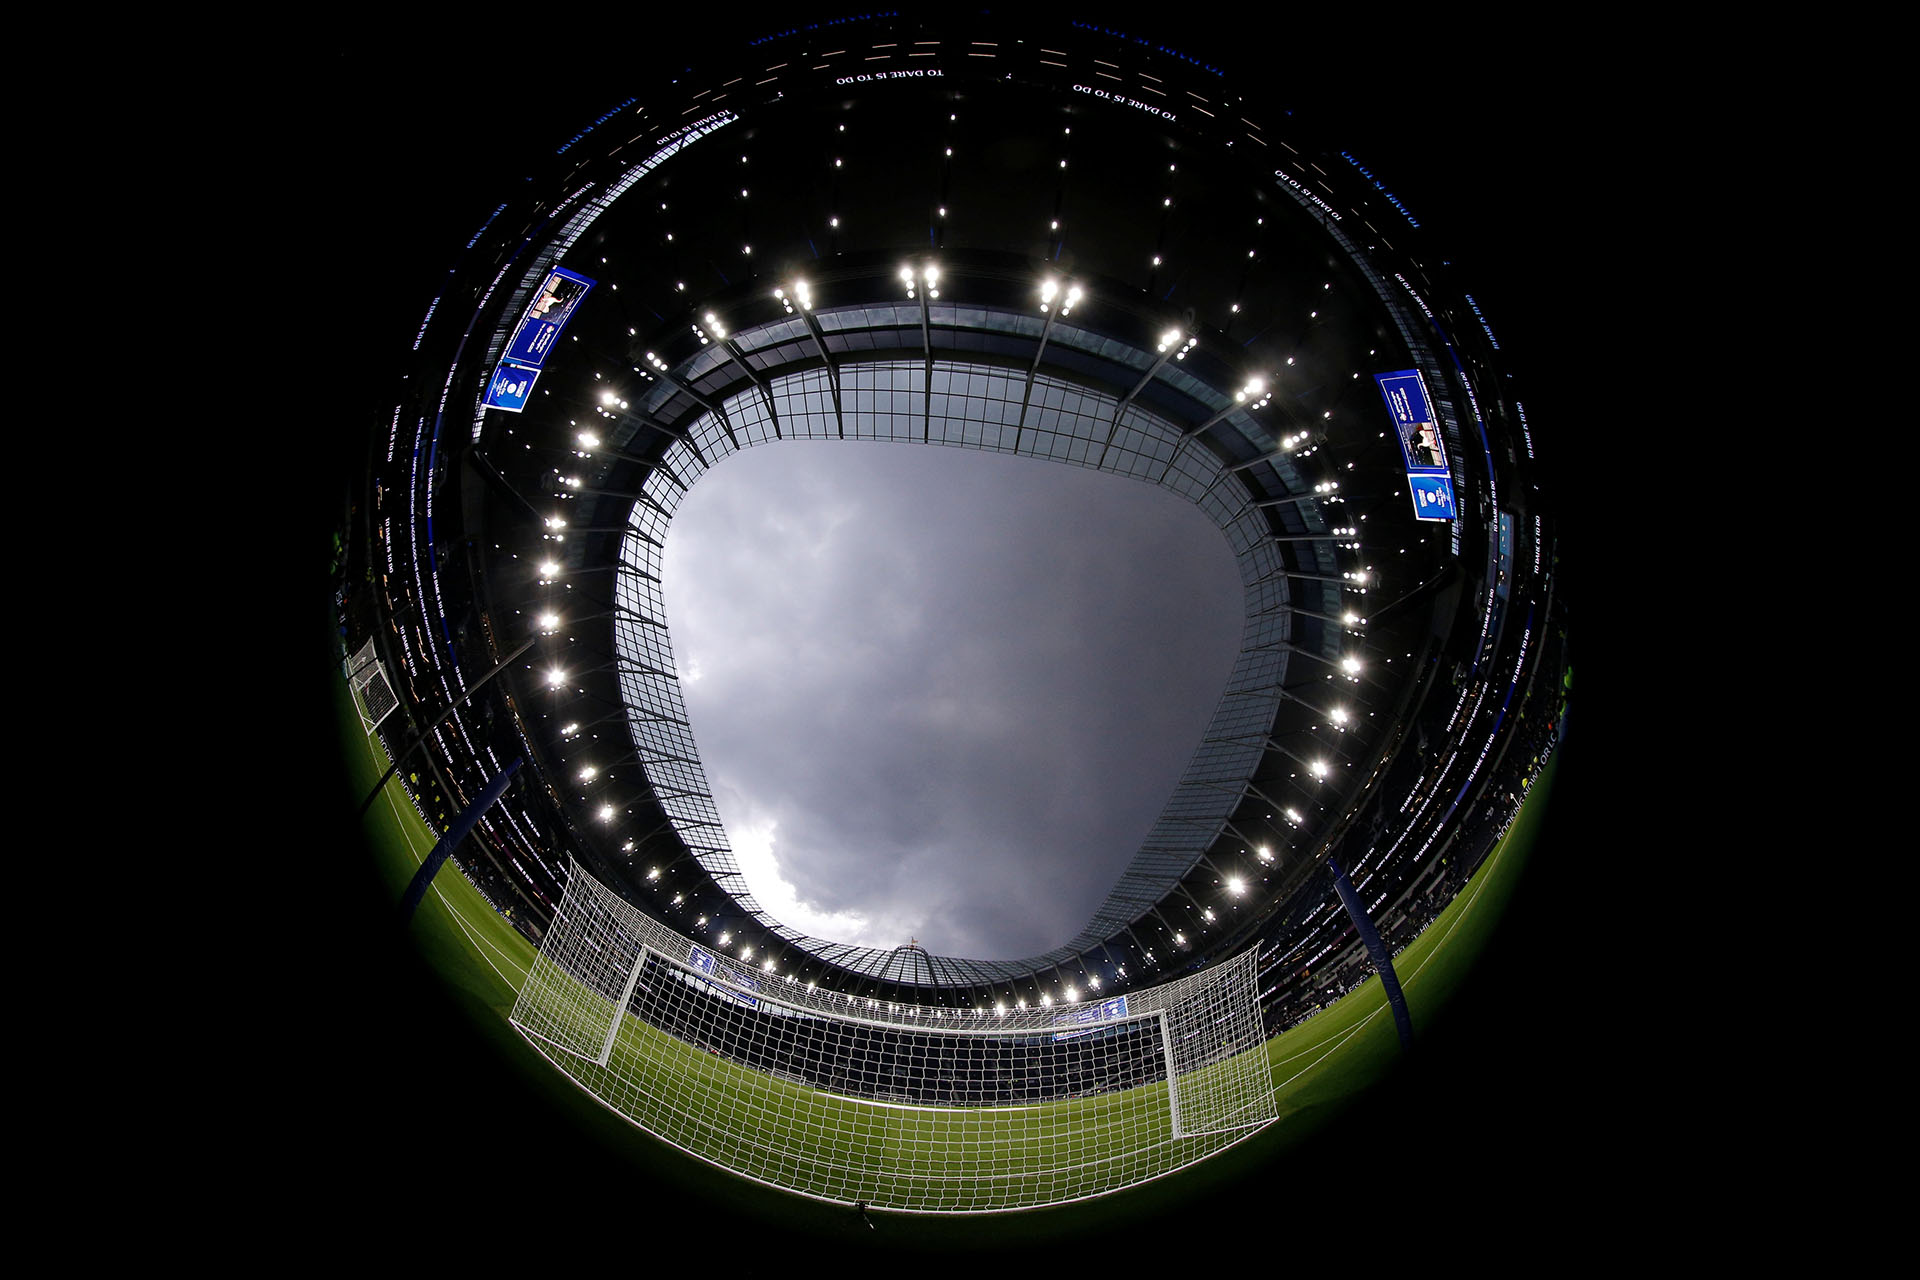 El estadio cuenta, además, con césped retráctil y con una superficie sintética diseñada para utilizar en conciertos y diversos eventos